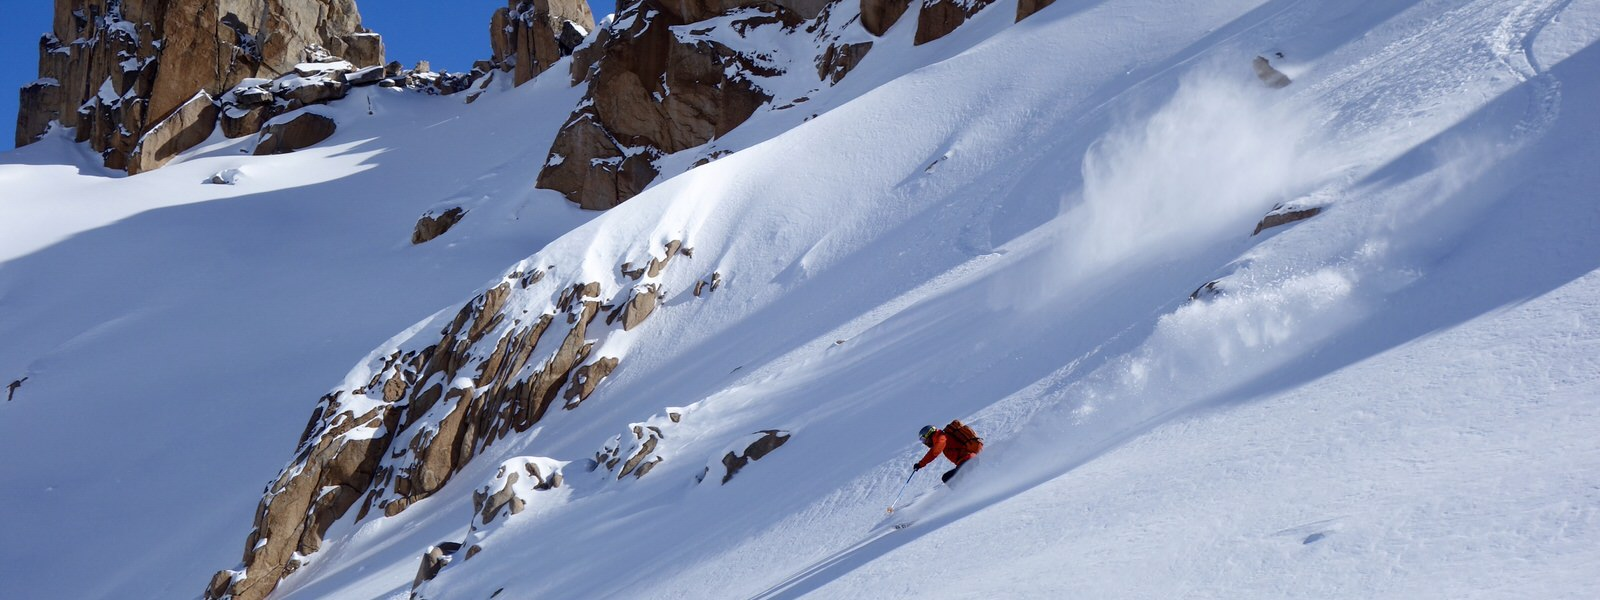 patagonia hut skiing tour